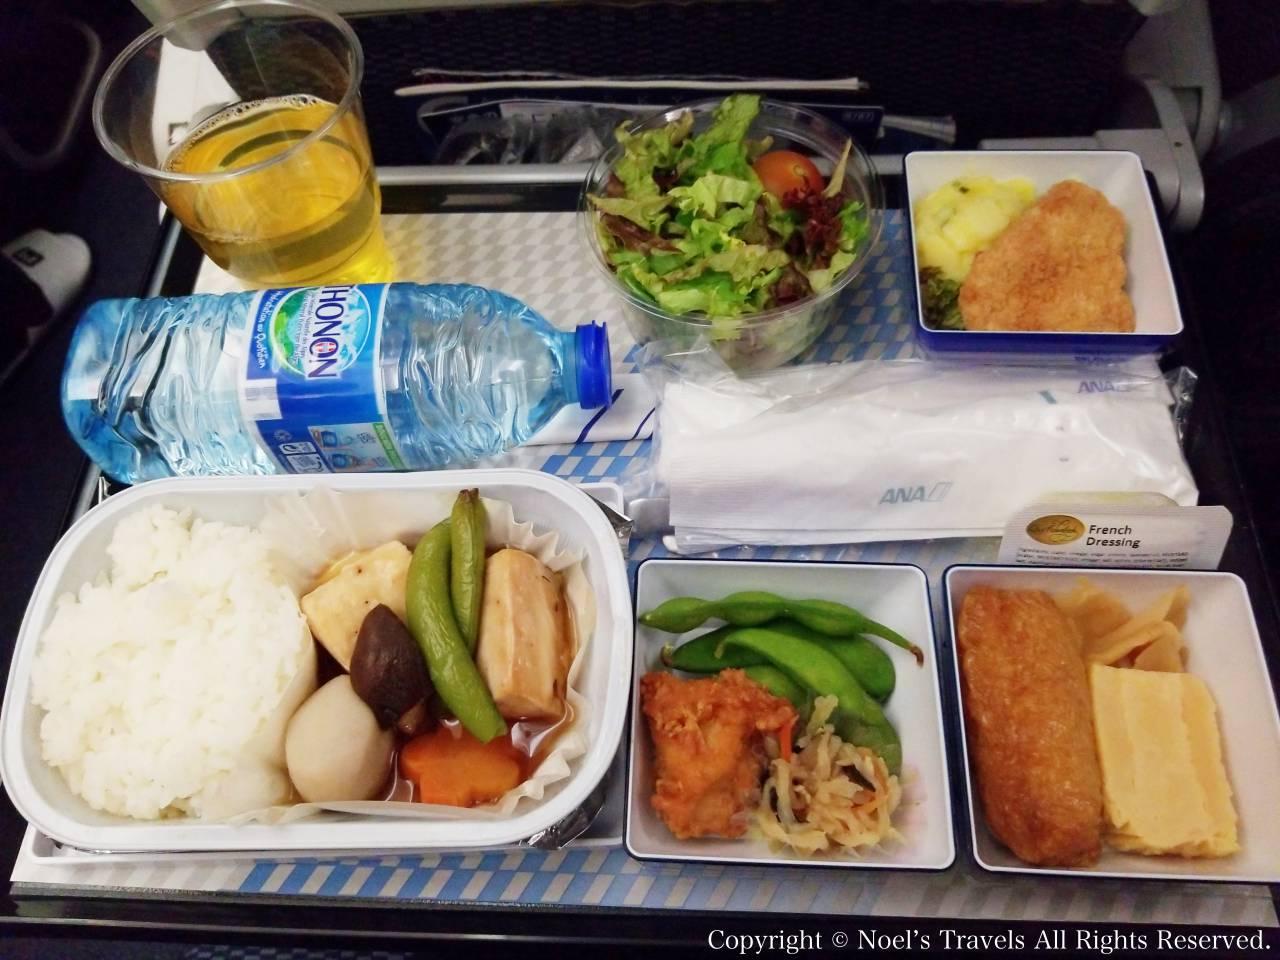 ANAの機内食